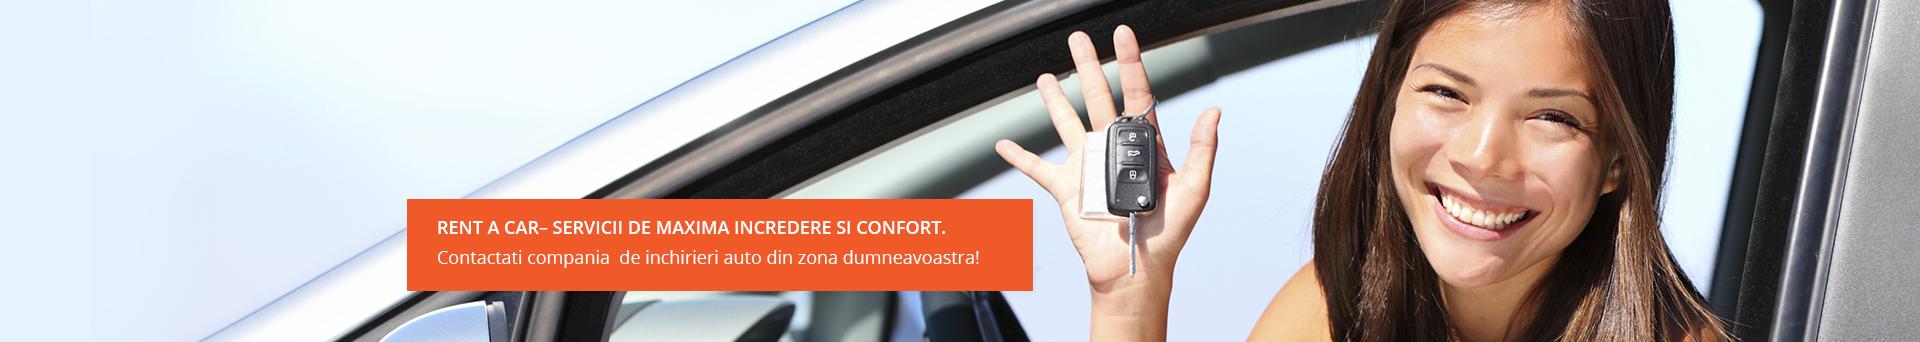 Inchirieri Auto Romania